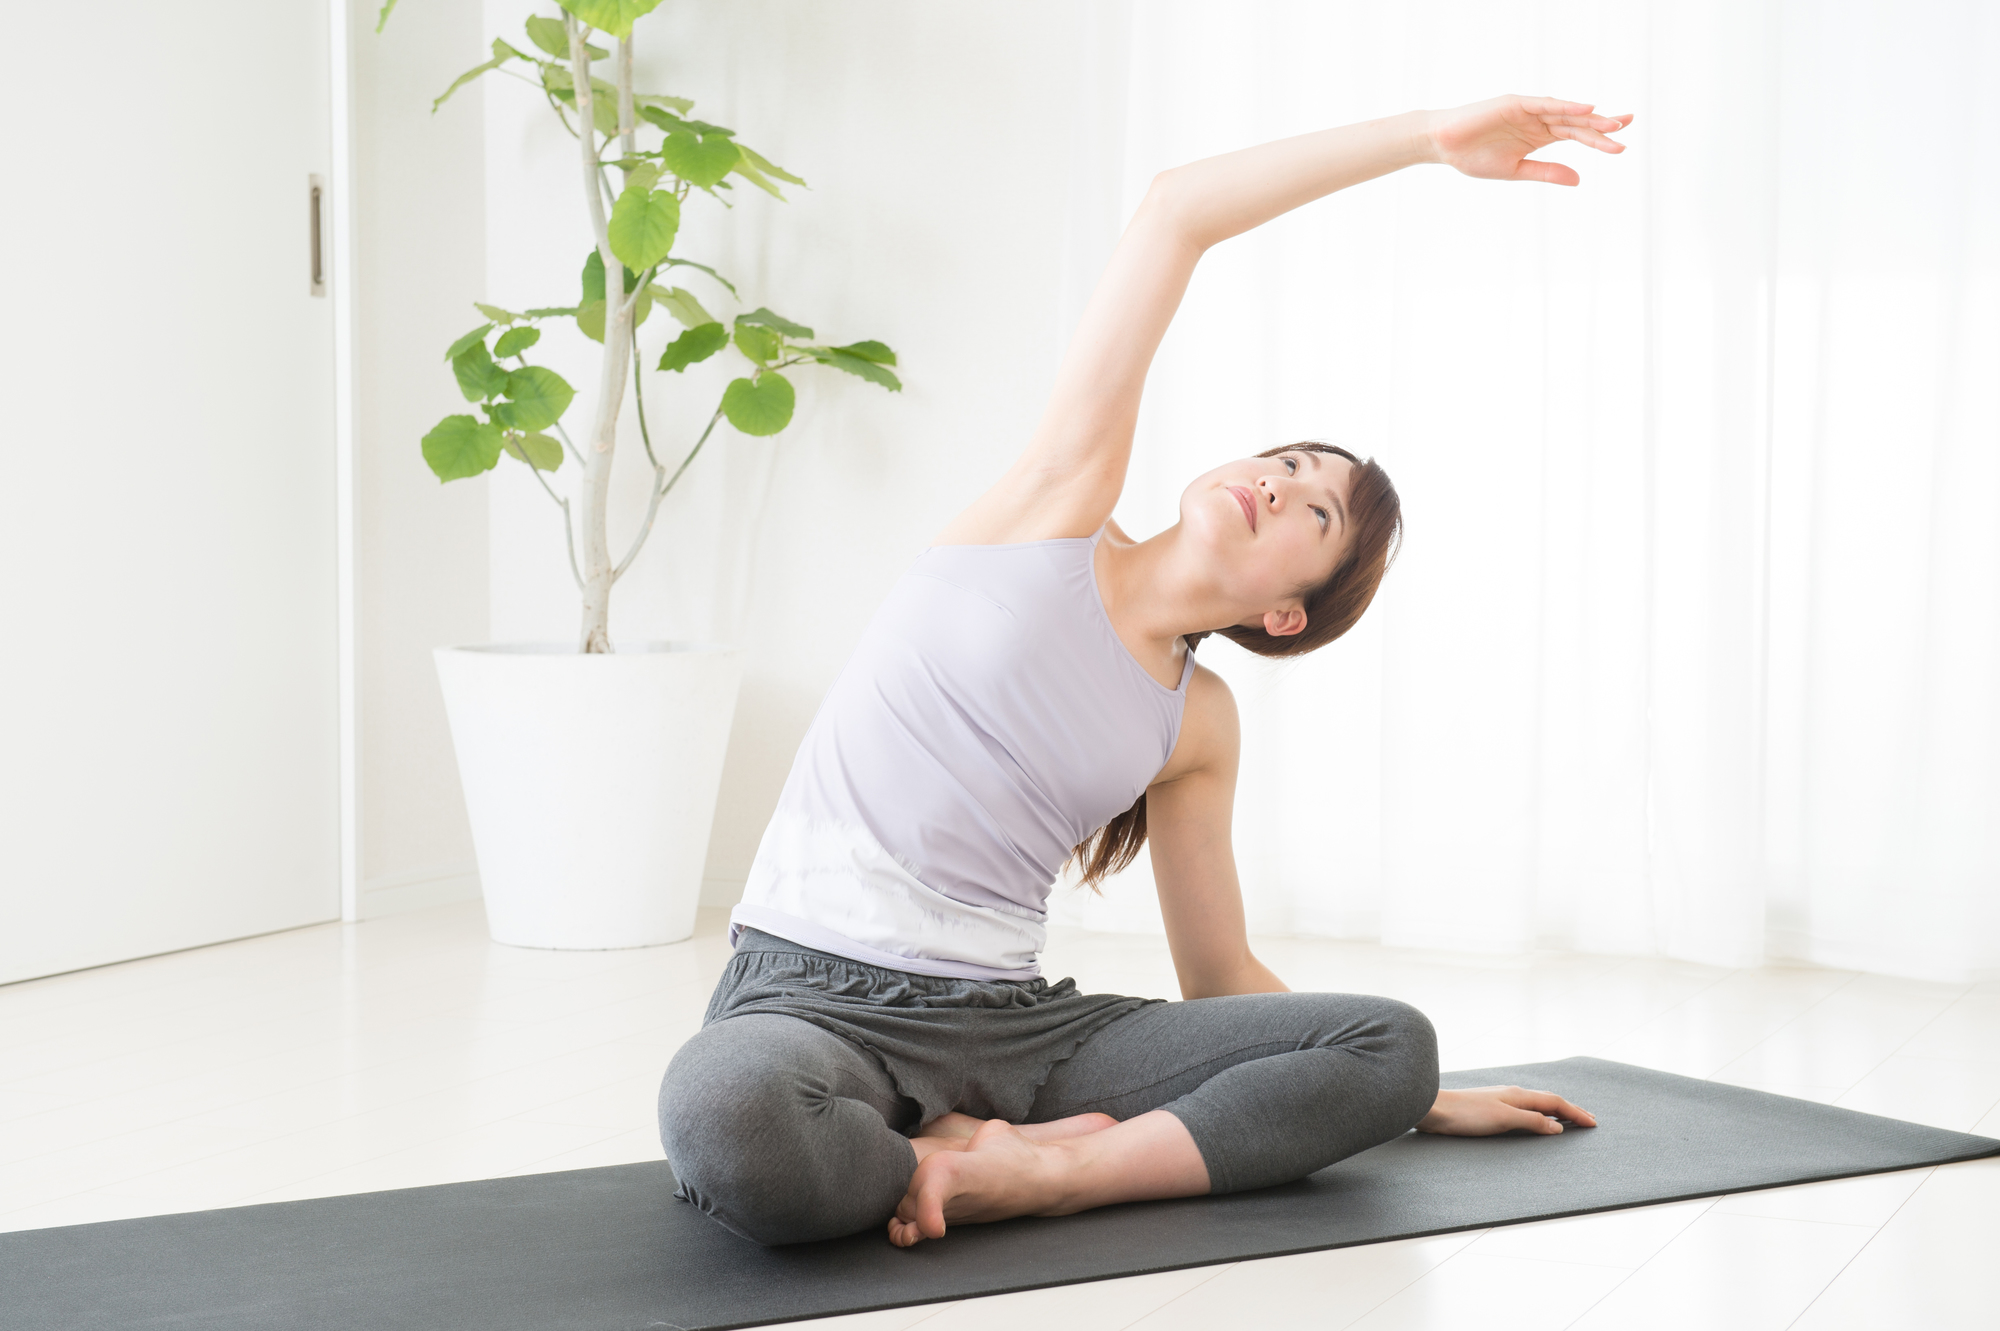 ヨガは腰痛に効果的?ヨガと腰痛の関係を解説